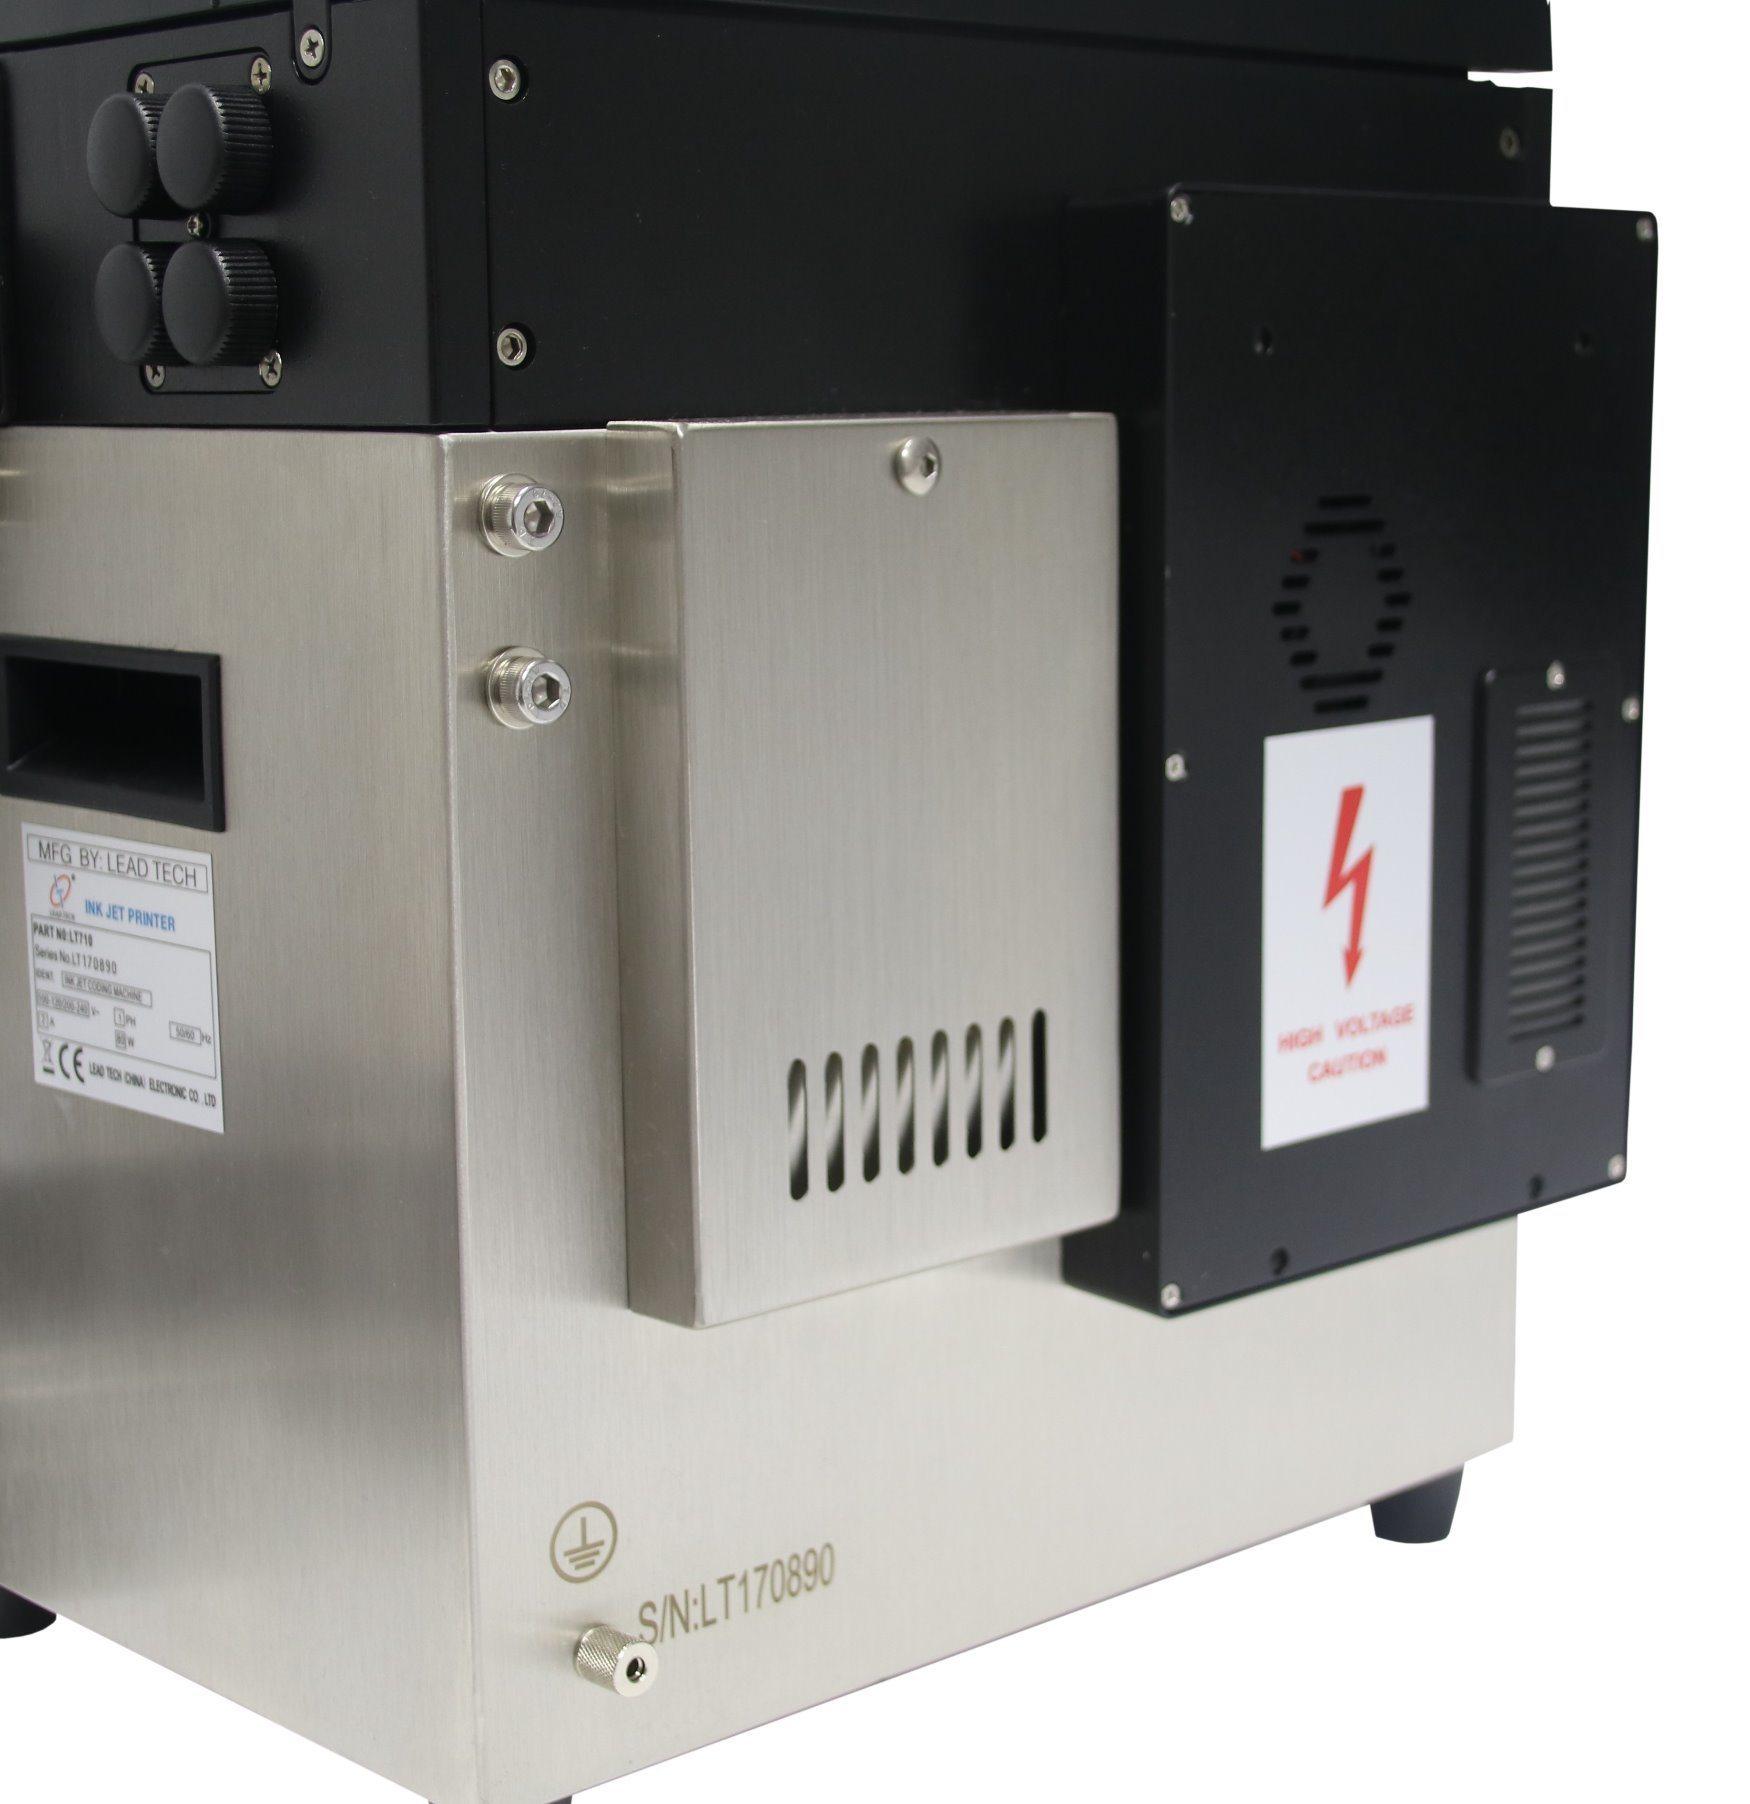 Lead Tech Pet Bottle Coding Continuous Cij Inkjet Printer Lt760